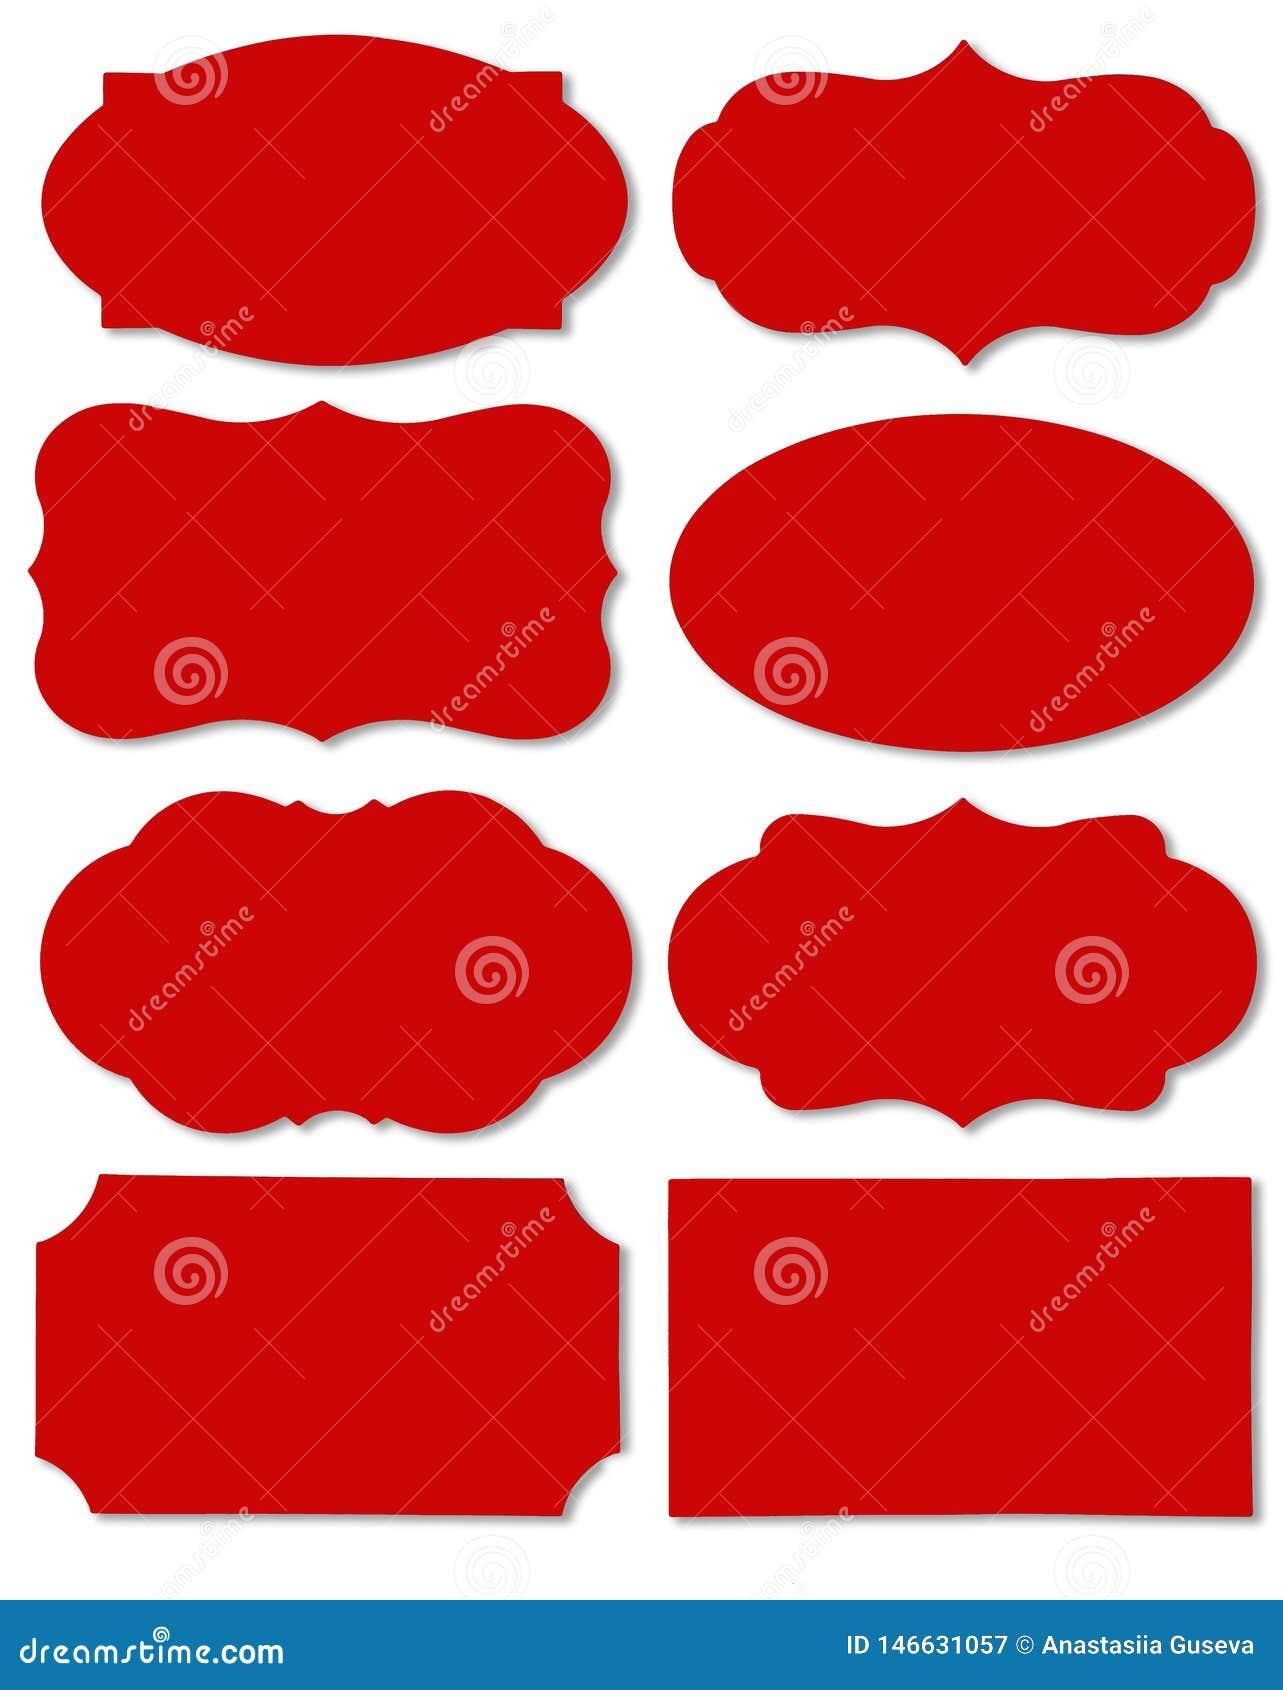 Bunter roter Satz der unterschiedlichen Spracheblase als Wolke lokalisiert auf leerem weißem Hintergrund